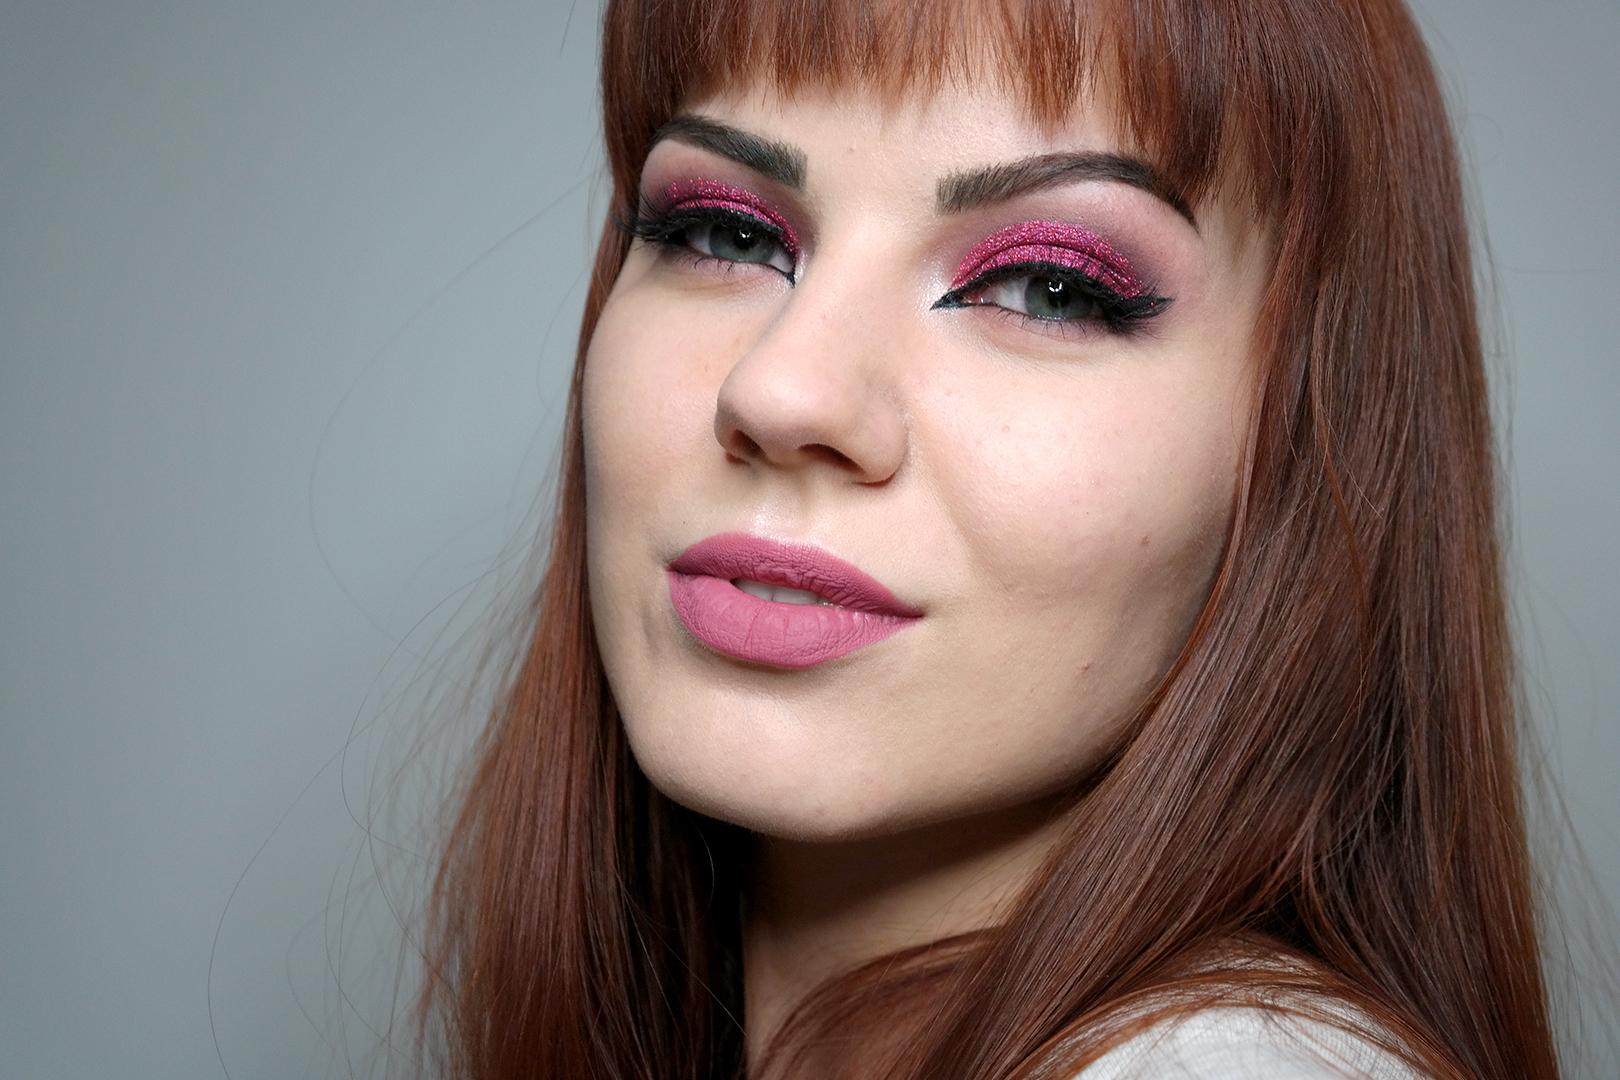 pinkki glittermeikki